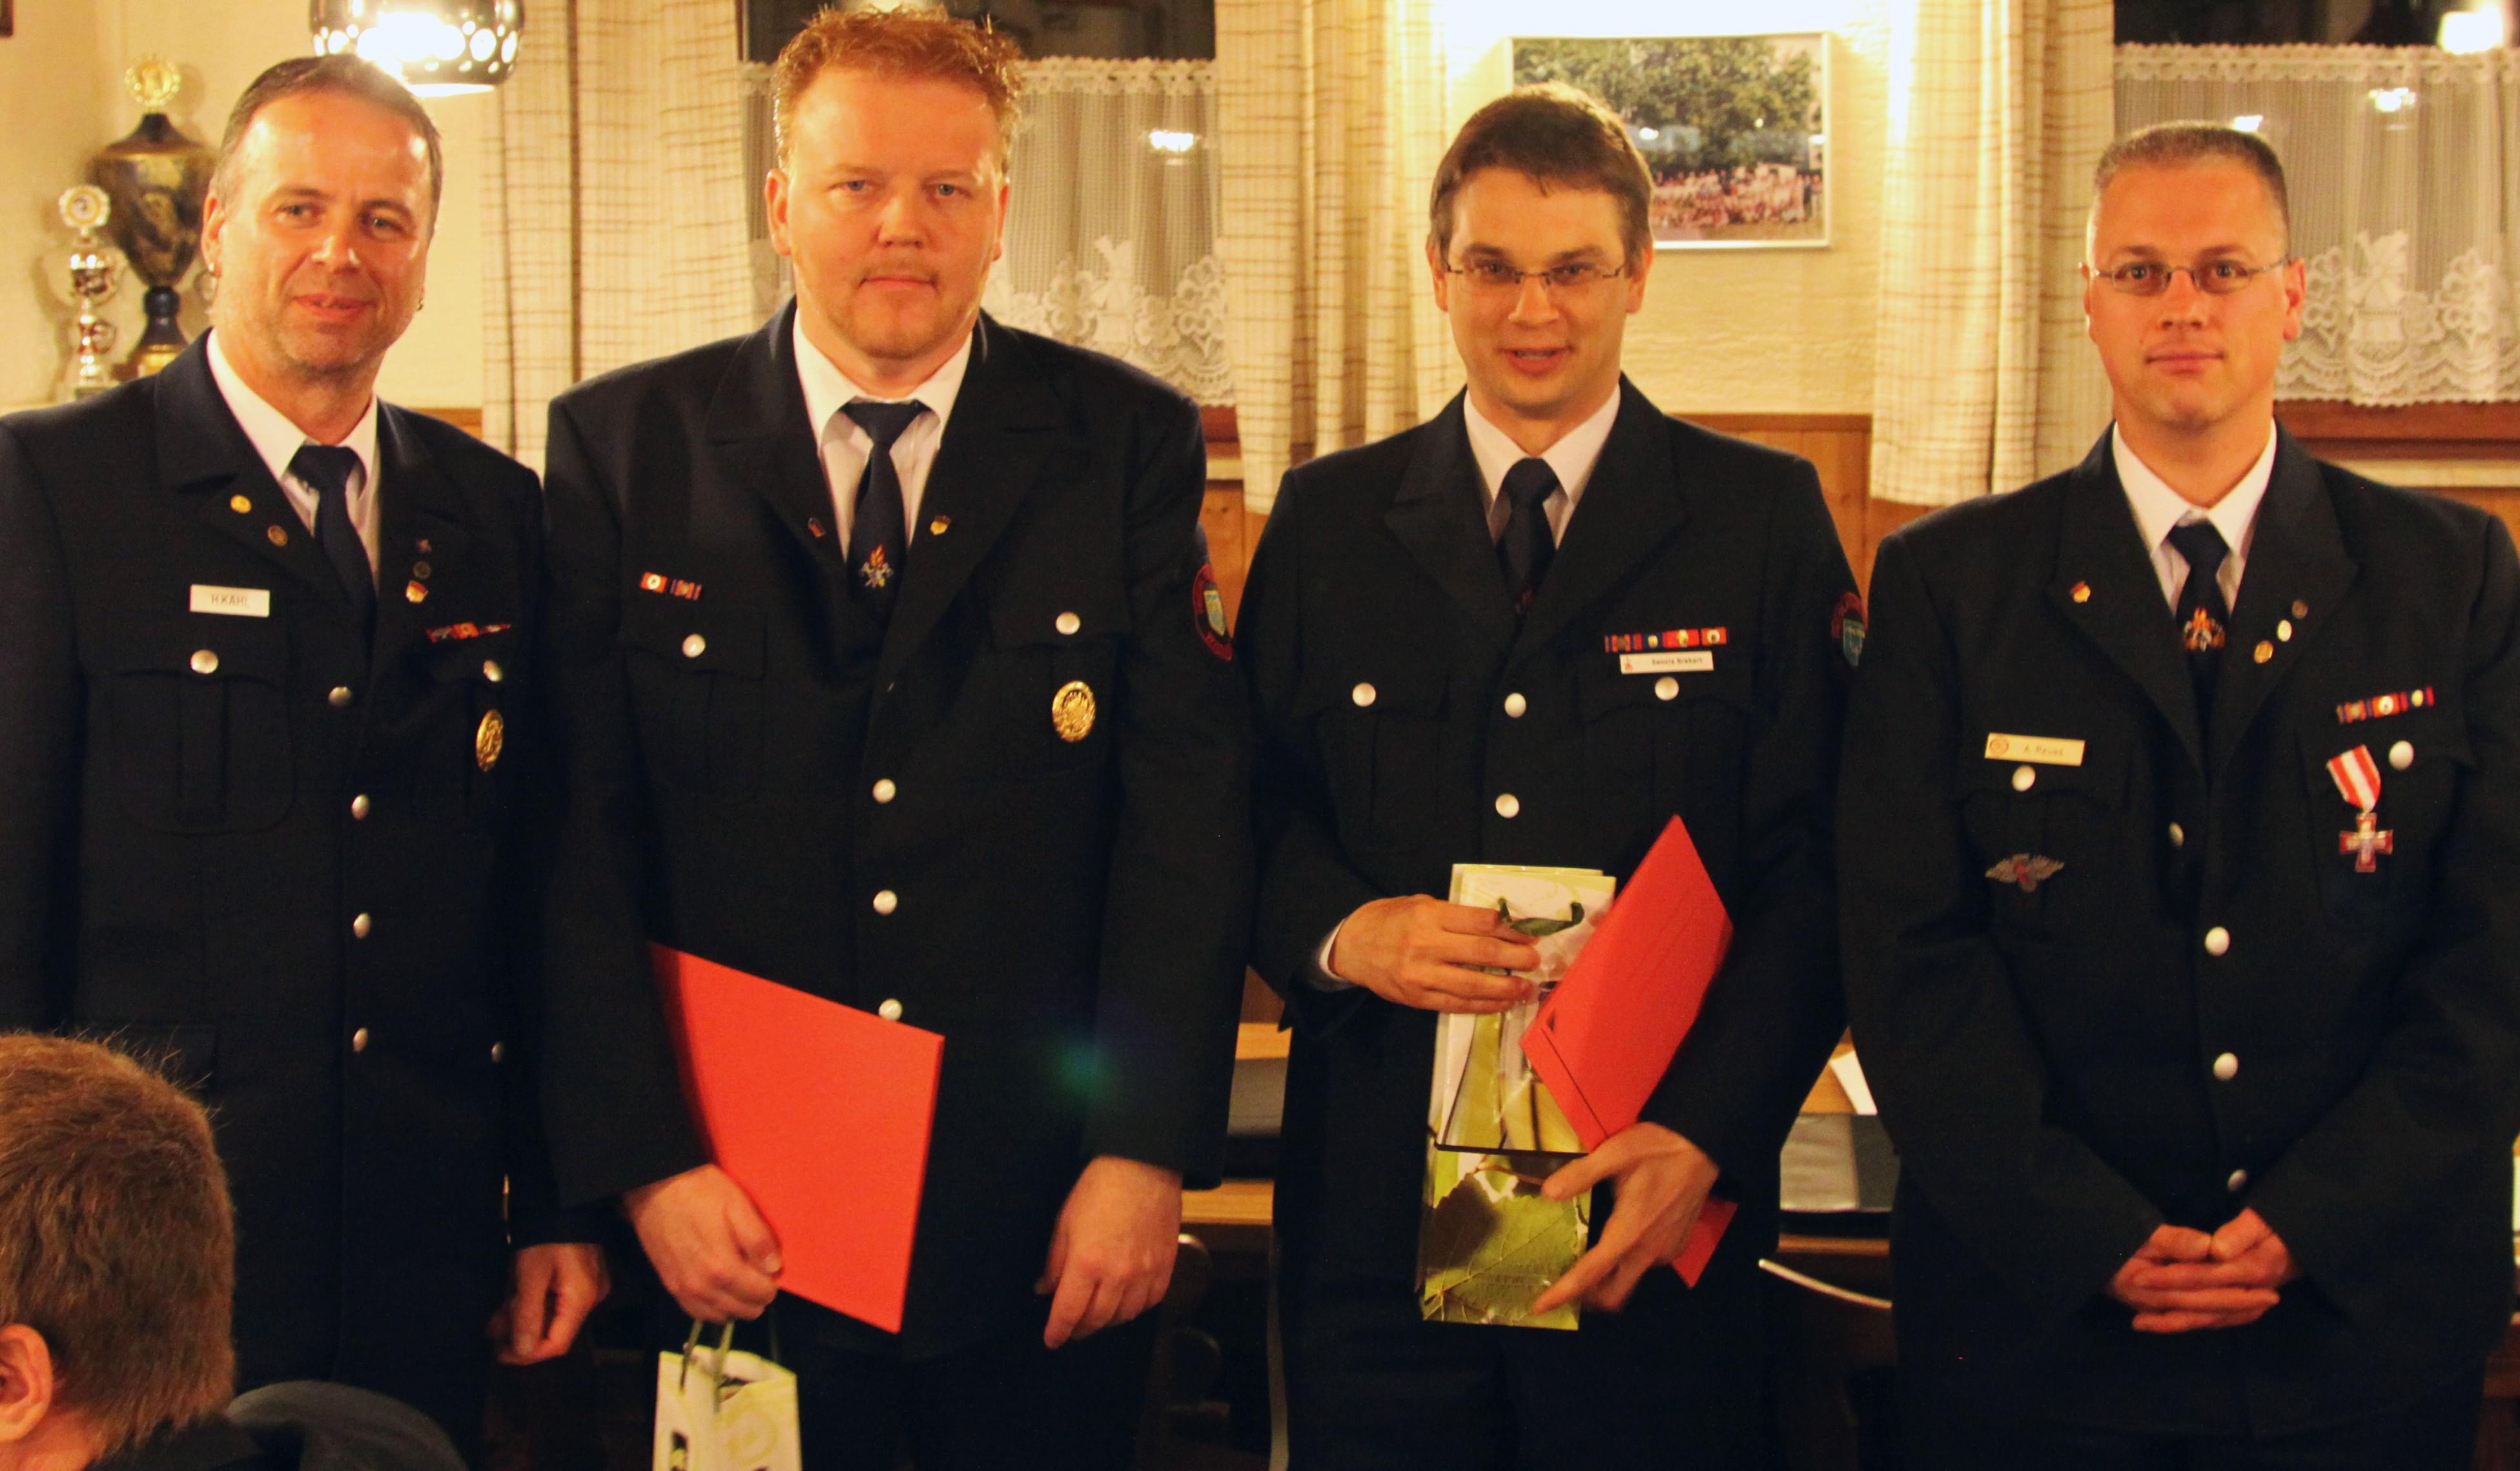 Für 25 Jahre Mitgliedschaft im Verein geehrt. Von Links nach Rechts – Vereinsvorsitzender Holger Kahl, Udo Cramer, Dennis Grebert, 2. Vorsitzender Alexander Reuß